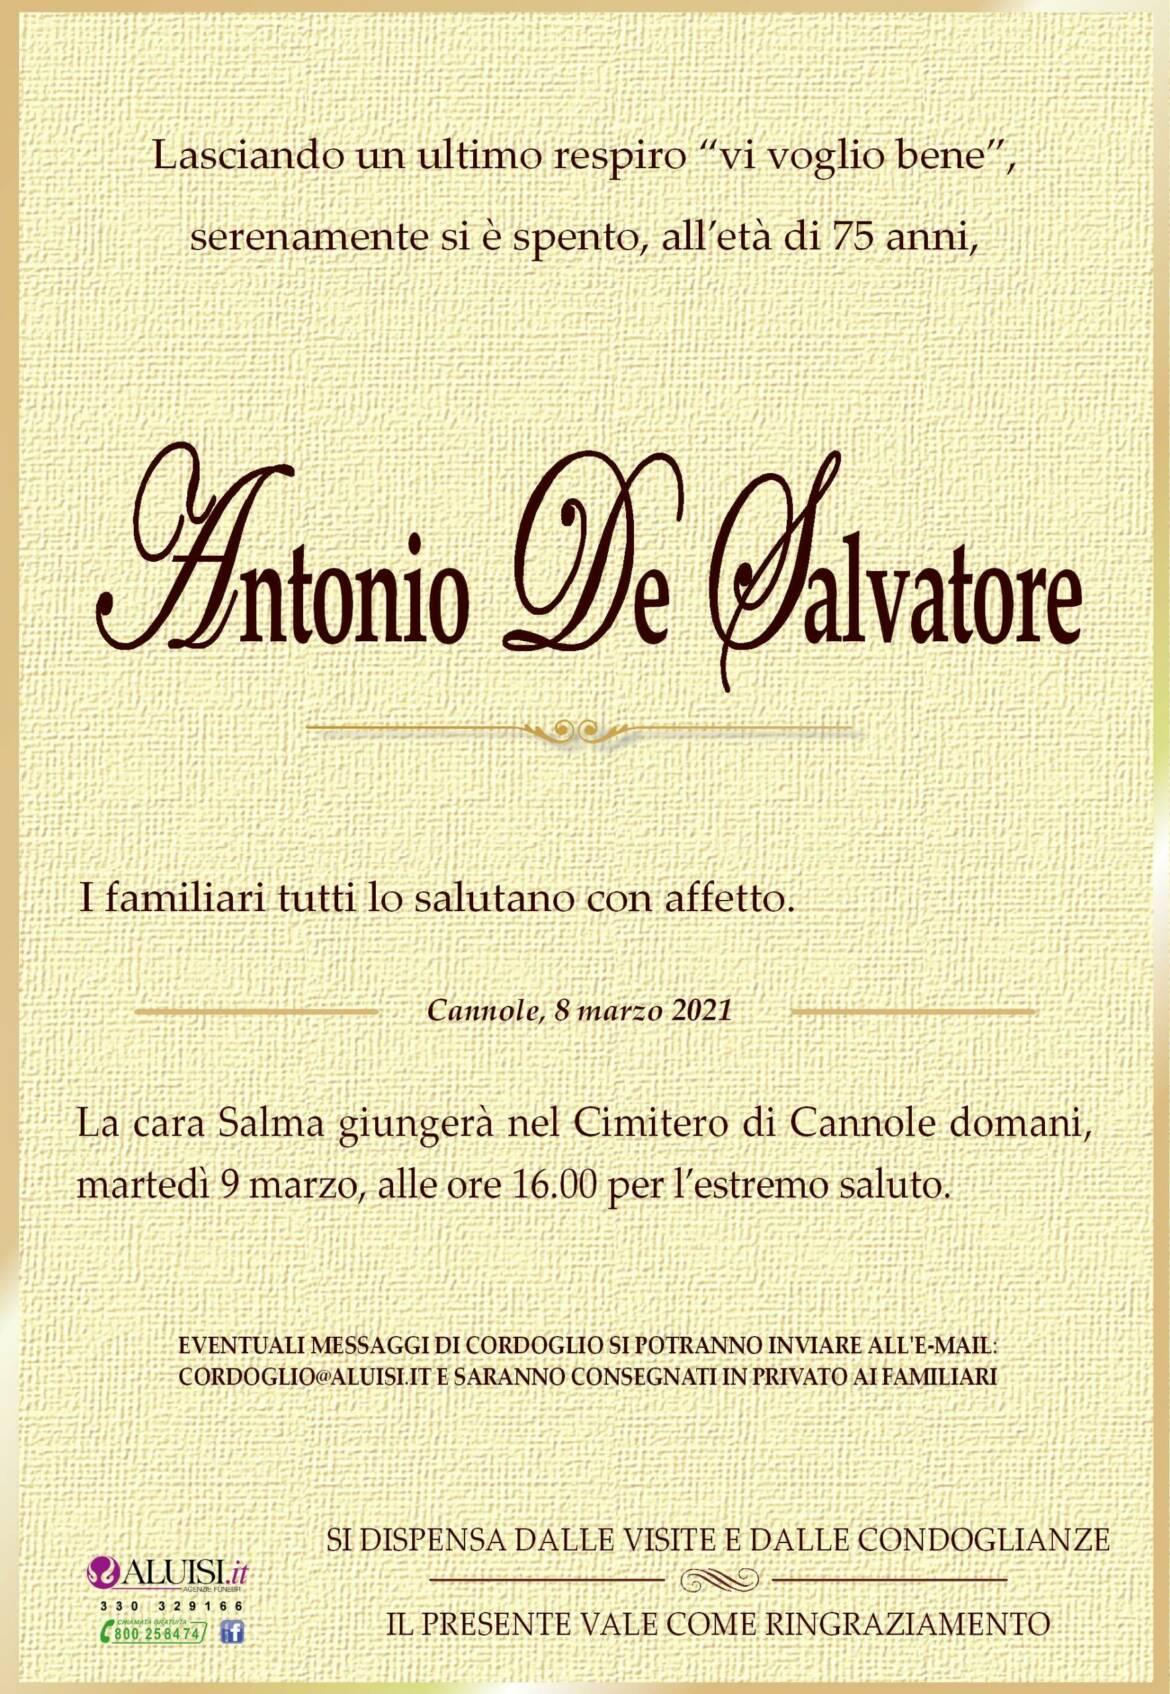 Annuncio-ANTONIO-DE-SALVATORE-CANNOLE-scaled.jpg